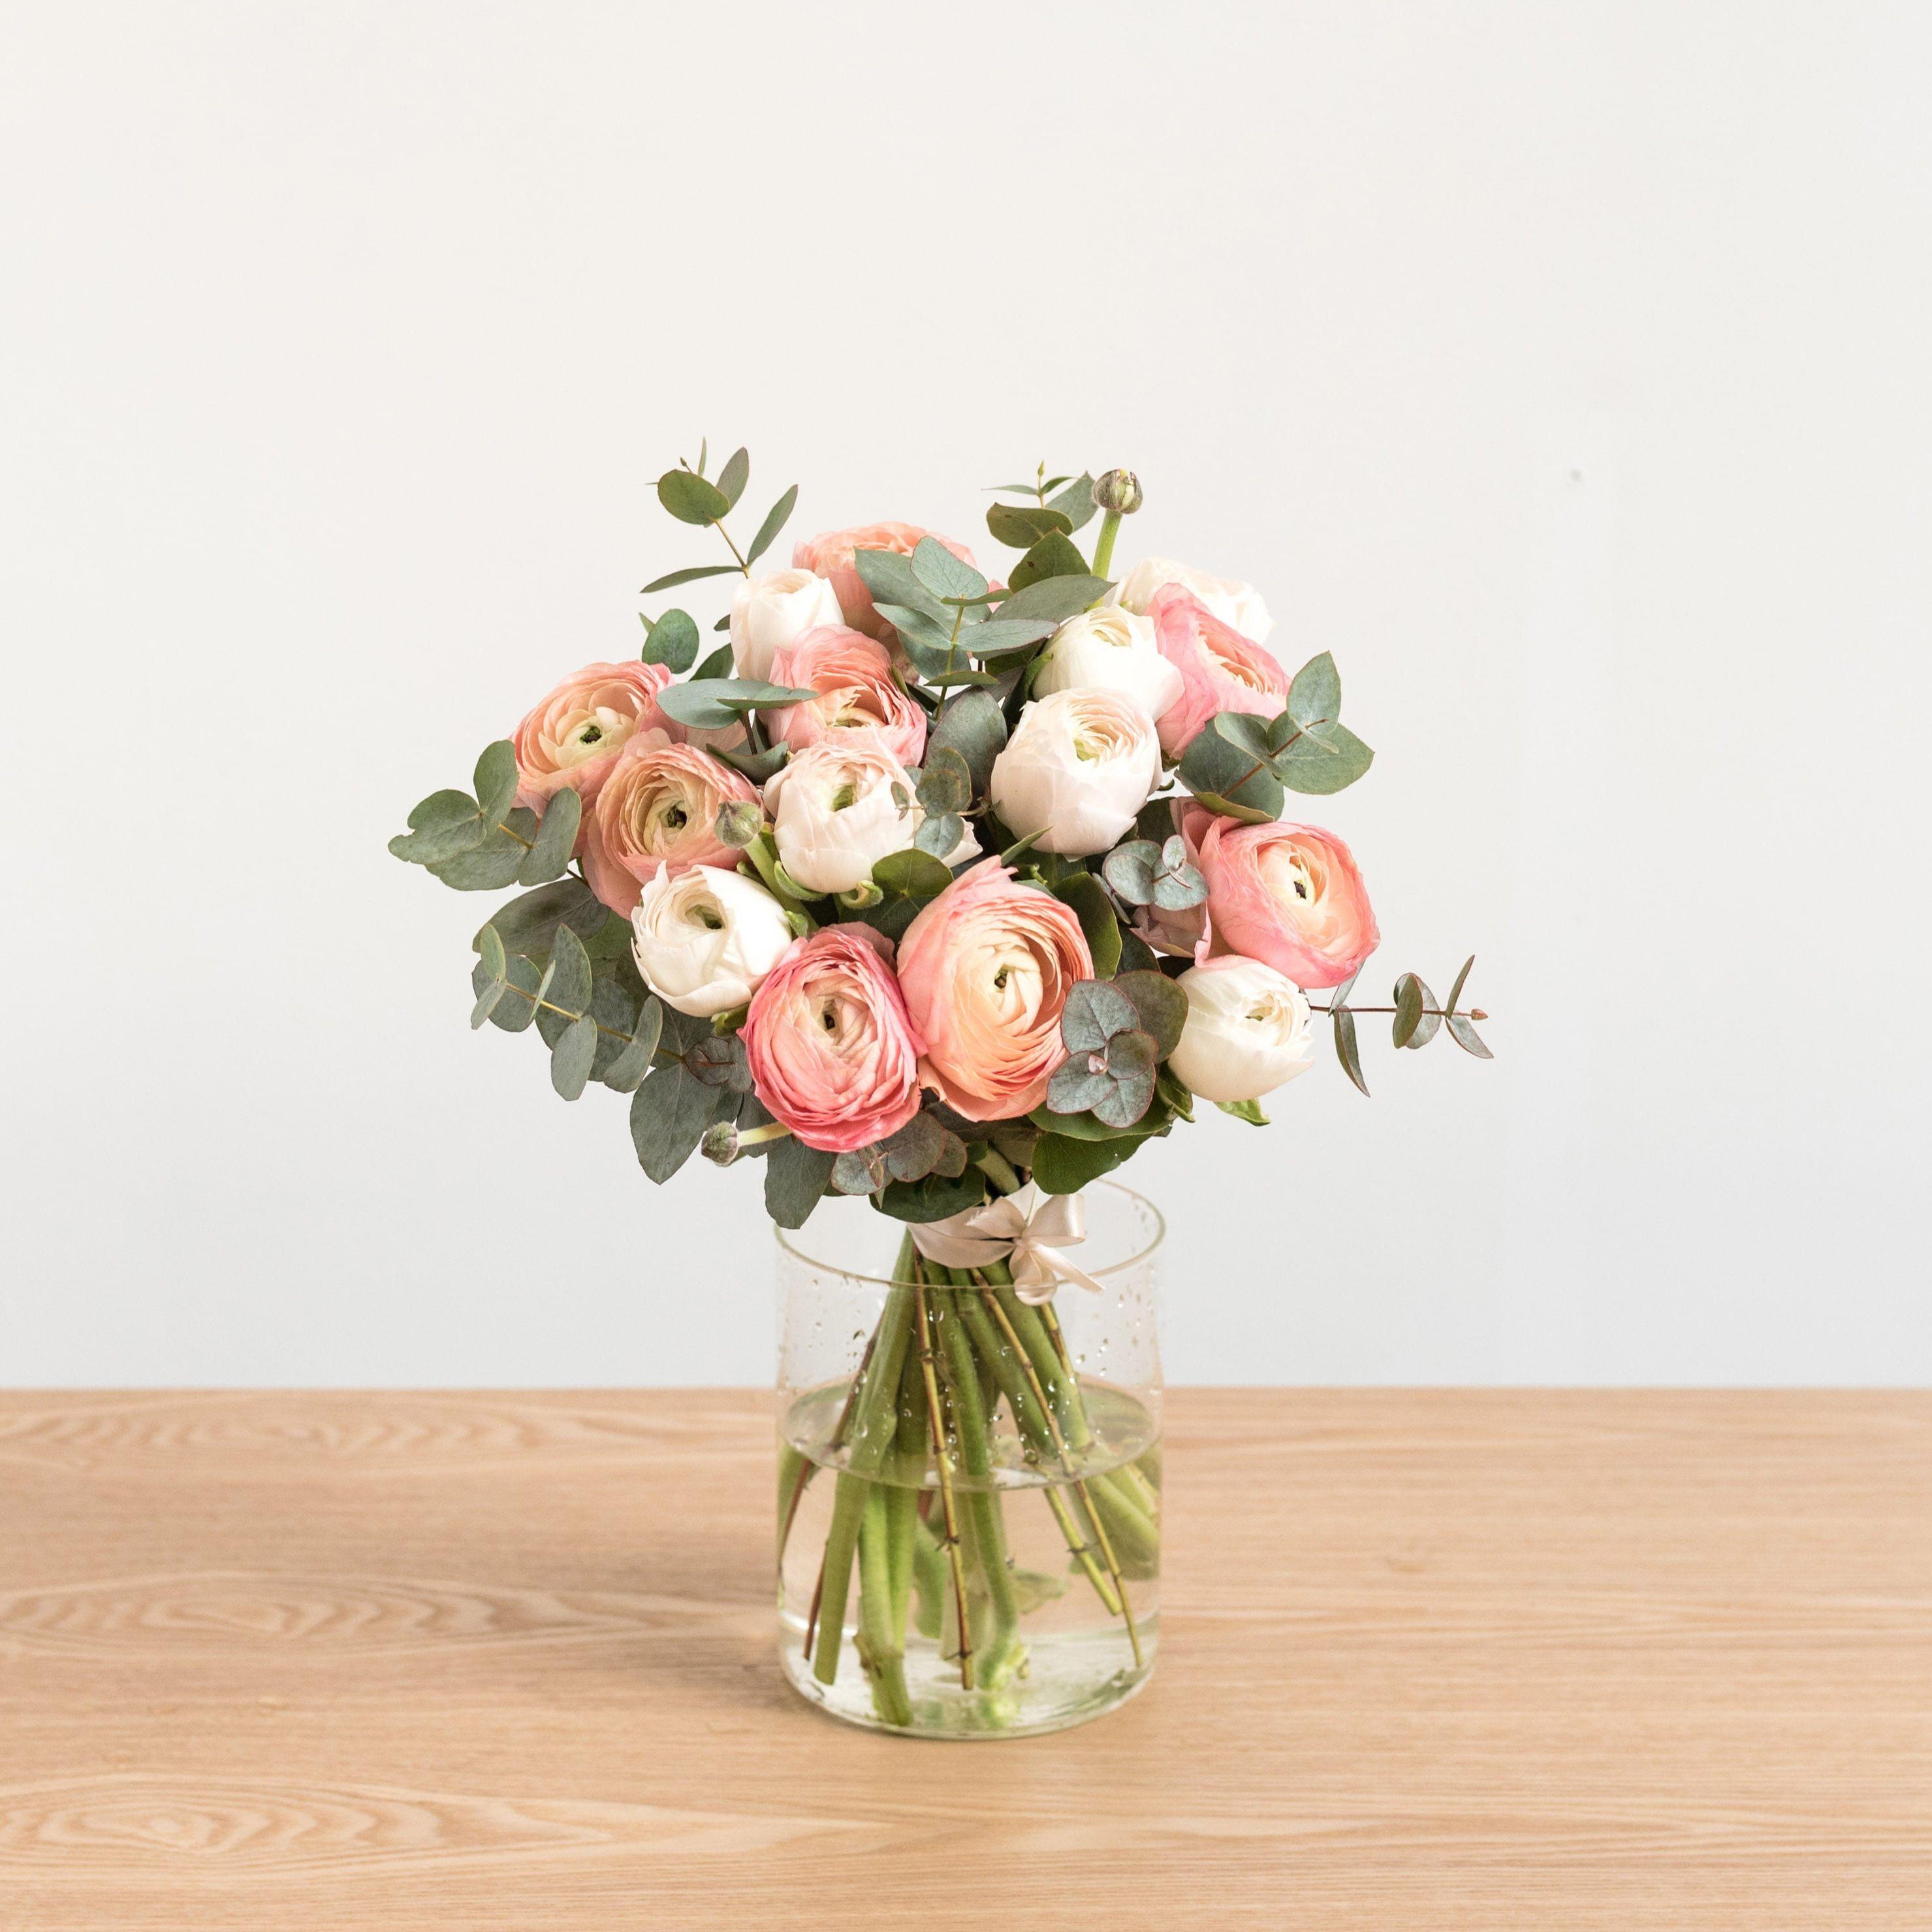 6 adresses conna tre pour un super bouquet de fleurs domicile pinterest bouquets de. Black Bedroom Furniture Sets. Home Design Ideas